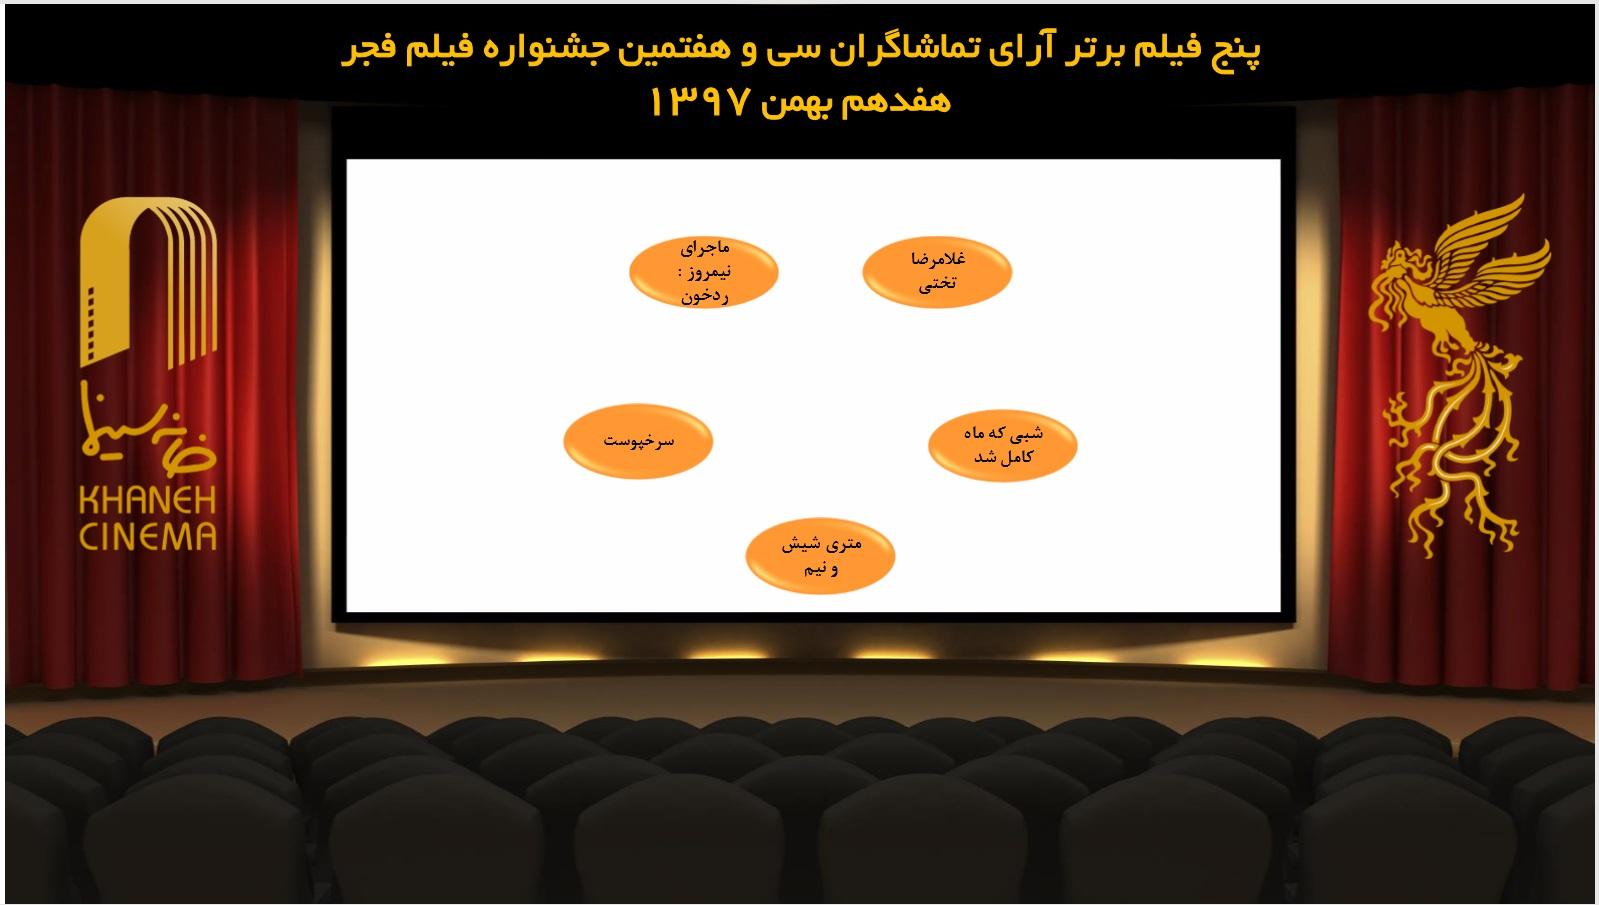 معرفی ۵ فیلم برتر آرای مردمی جشنواره فیلم فجر